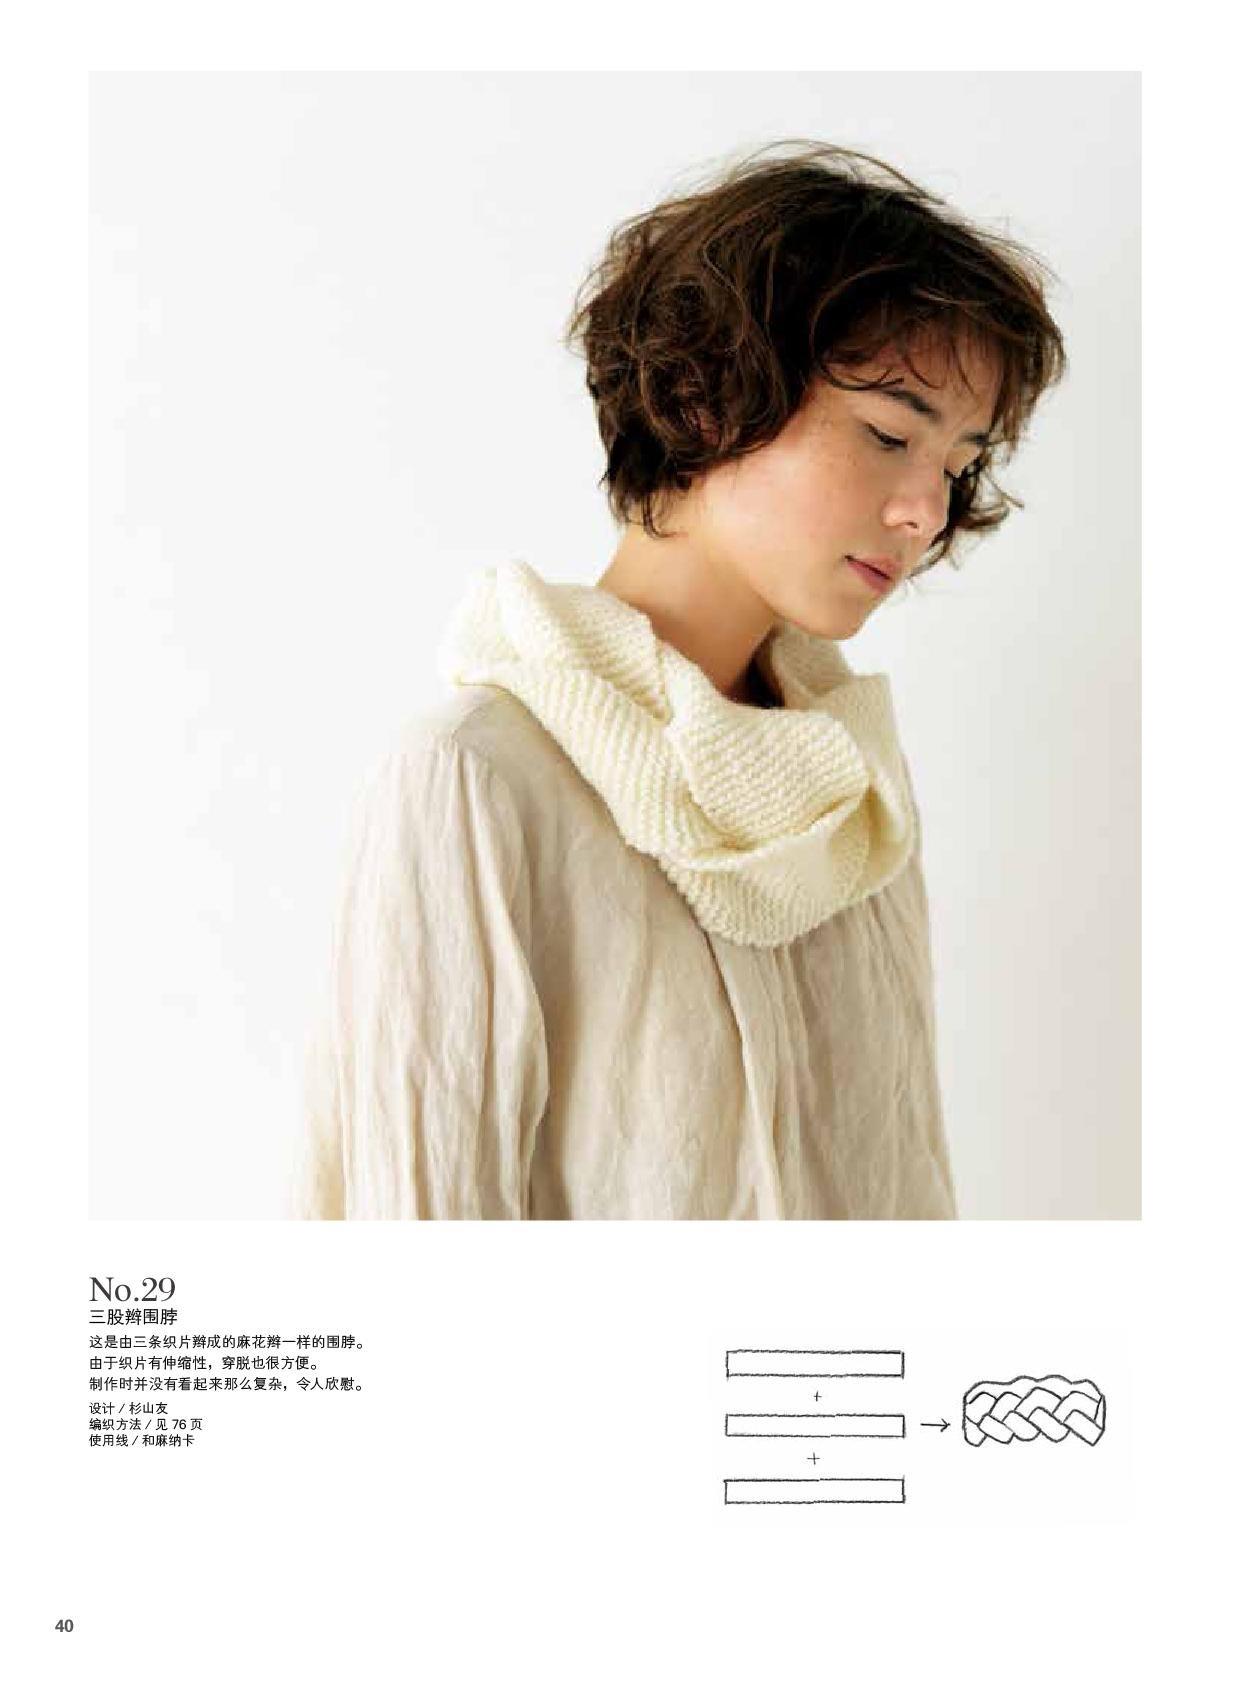 下针编织的帽子和围巾内文-41.jpg